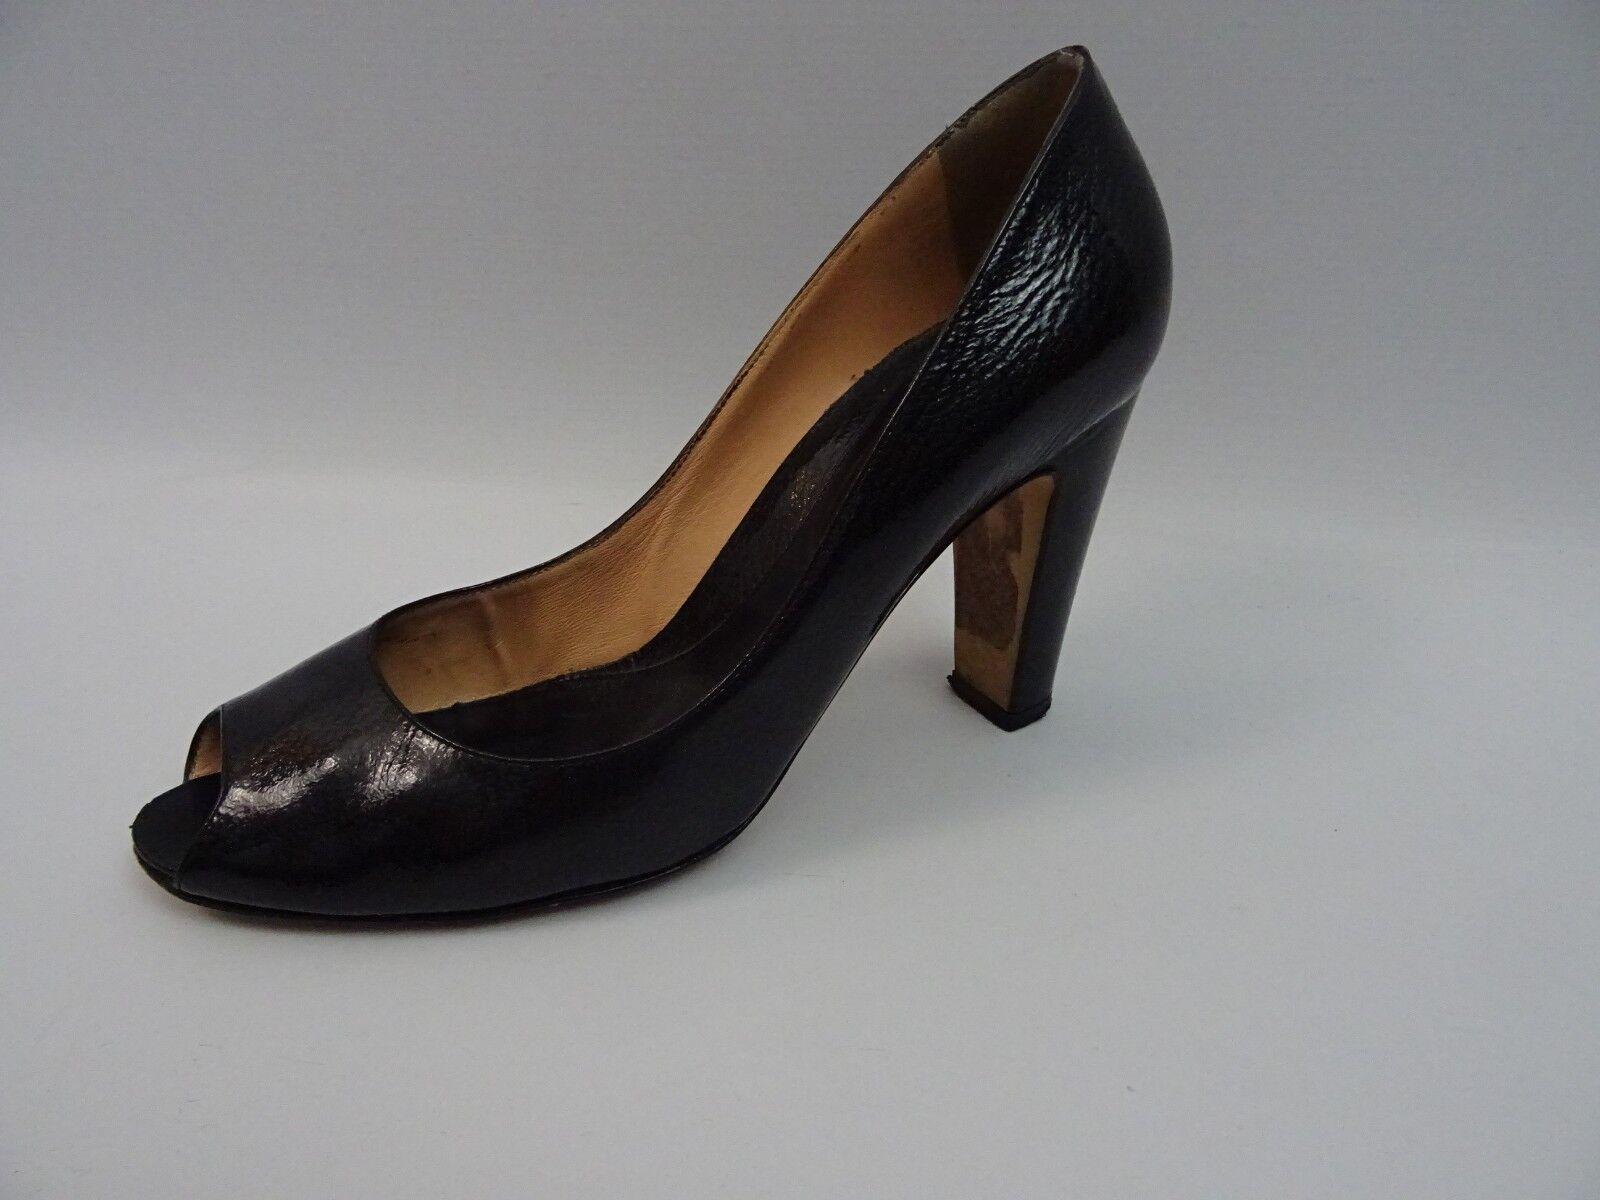 Sergio Rossi Damen Schuhe Pumps Peep Toes schuhe Schwarz Leder 40 Blockabsatz